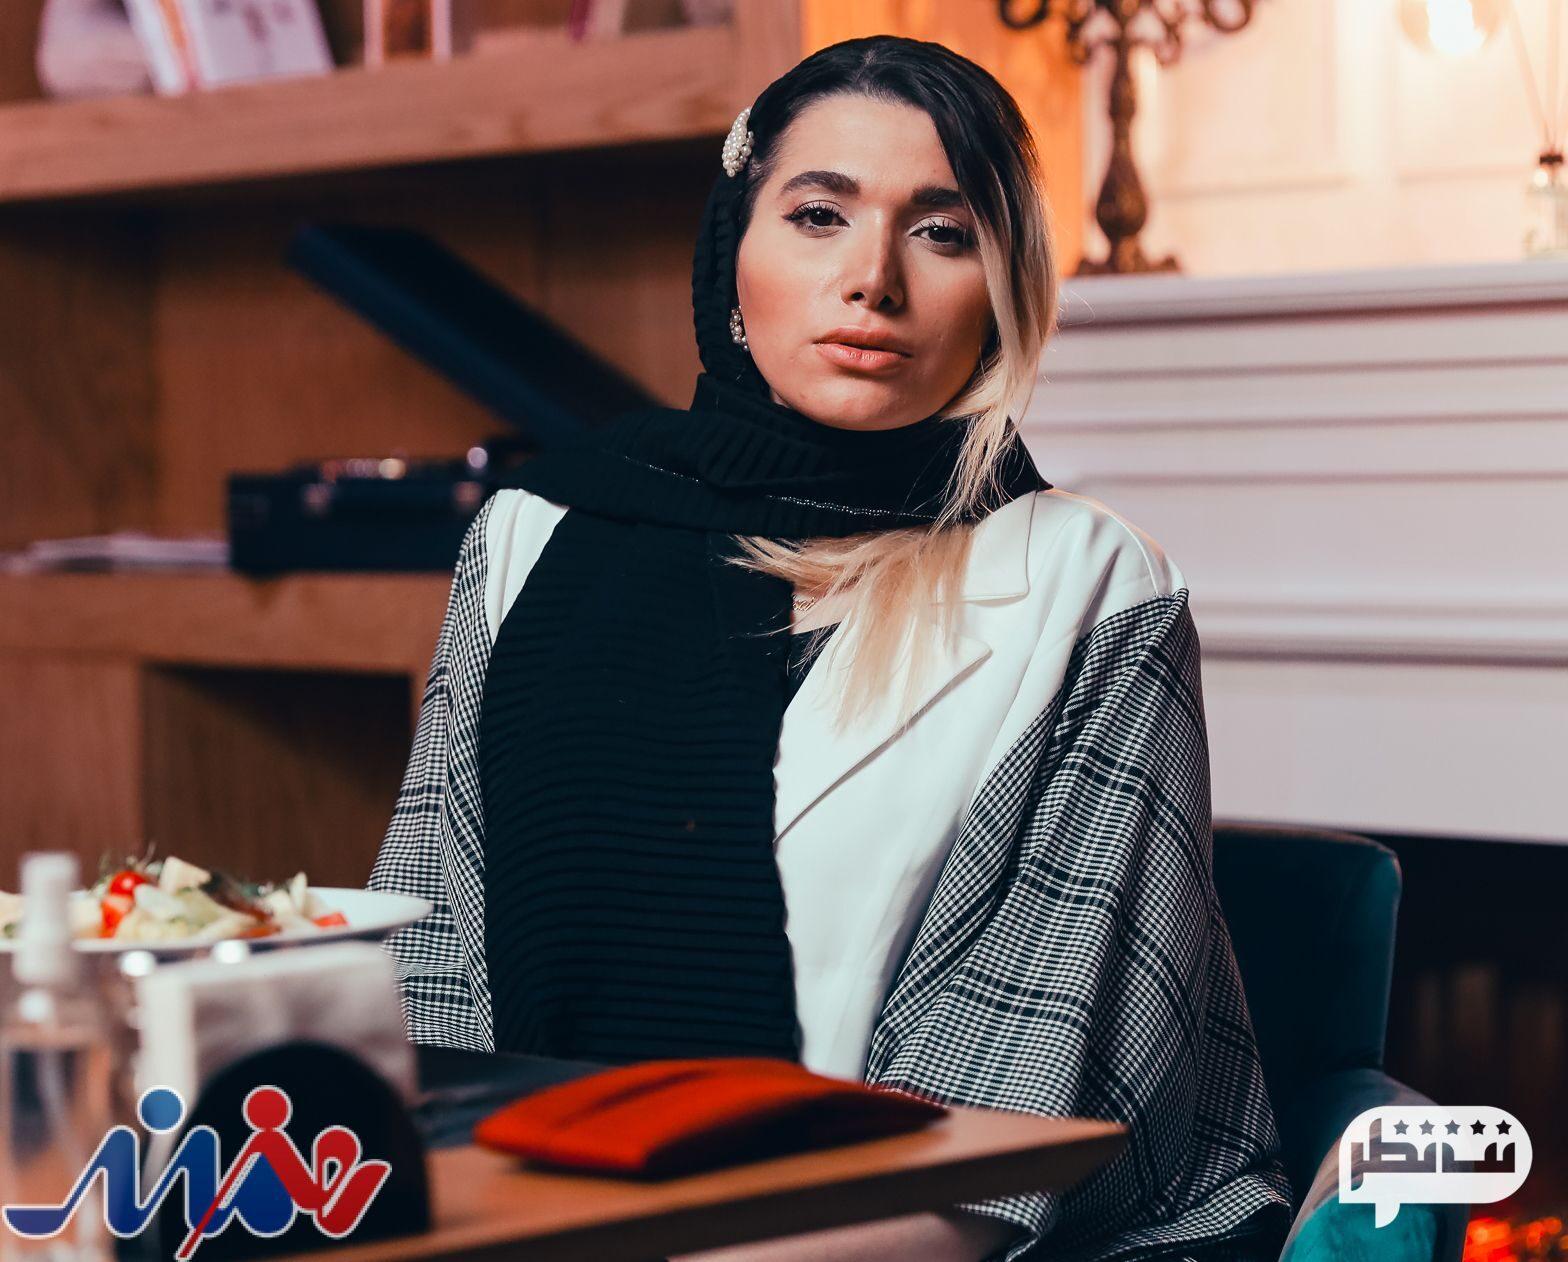 معروف ترین فشن بلاگر ایرانی، بیوتی بلاگرهای معروف ایرانی